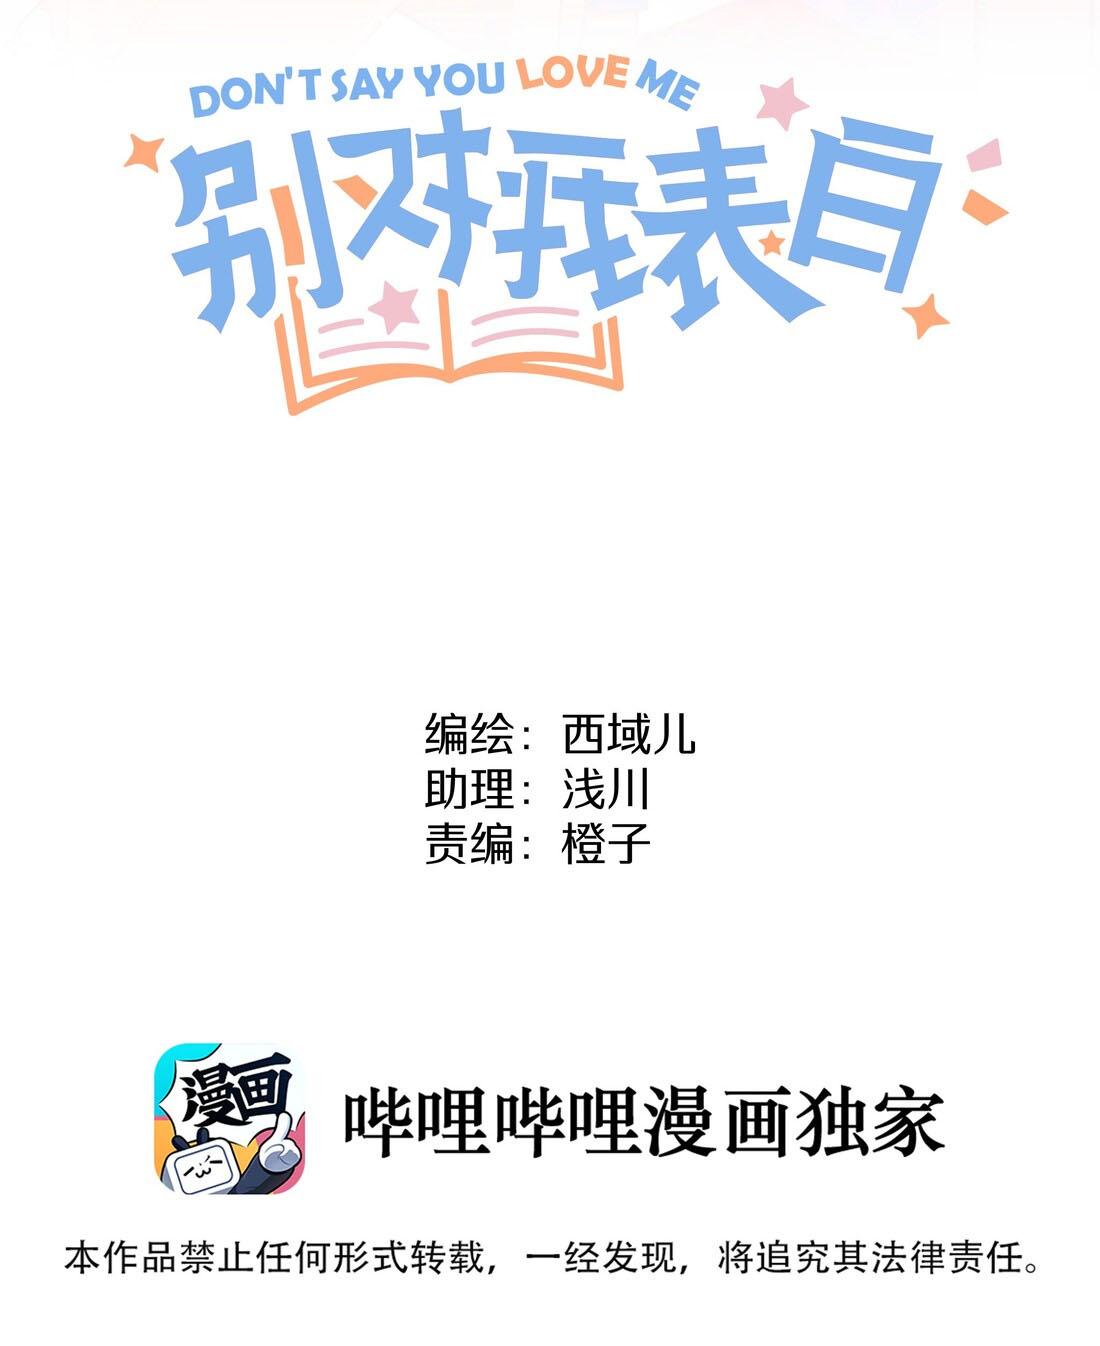 ĐỪNG NÓI YÊU TÔI Chương 2 - yeumanhua.com